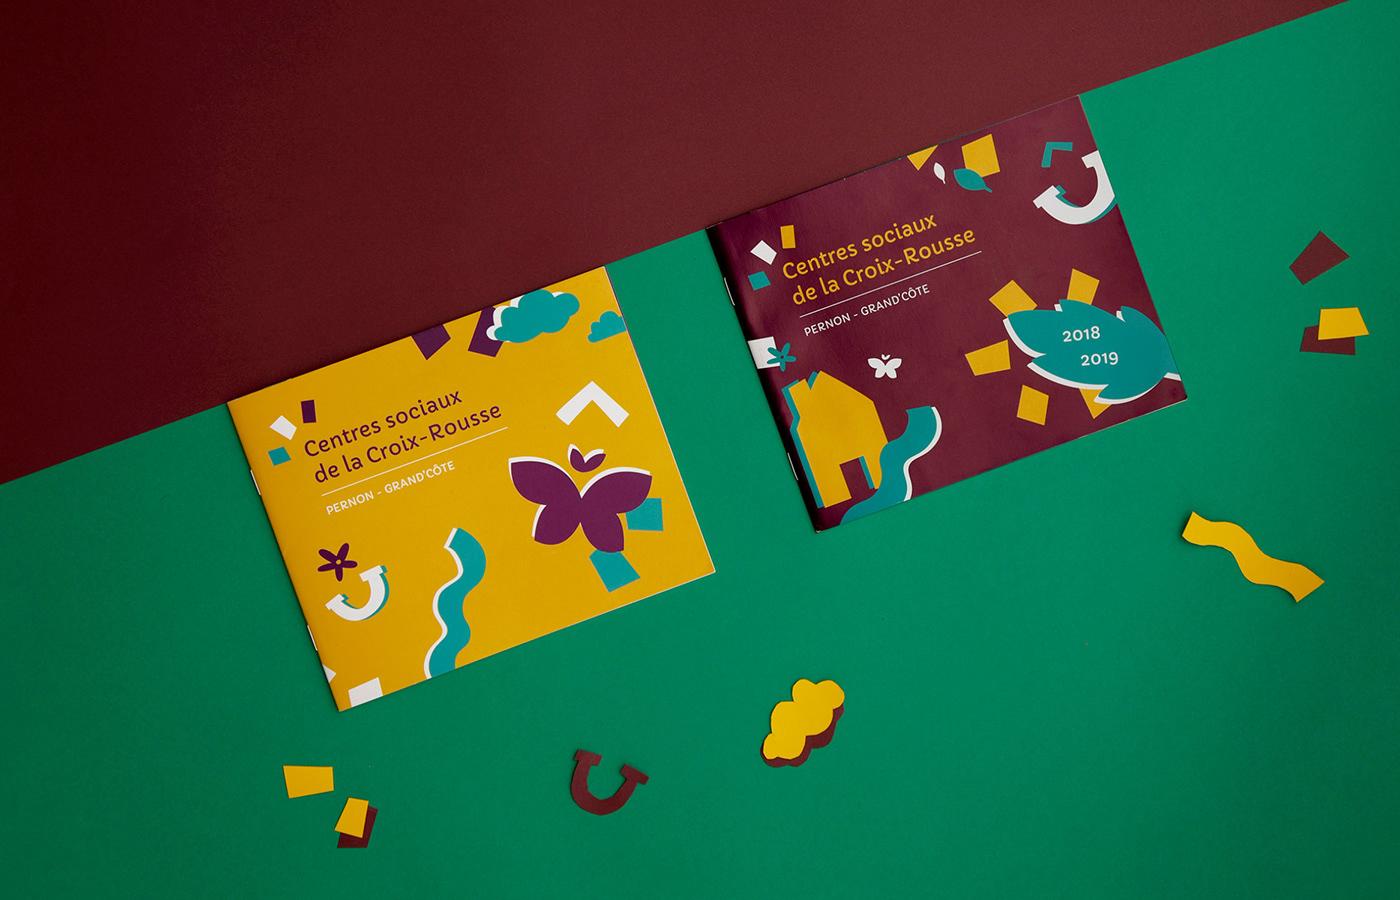 brochure enfance graphic design  graphisme ILLUSTRATION  livret paper papier print social